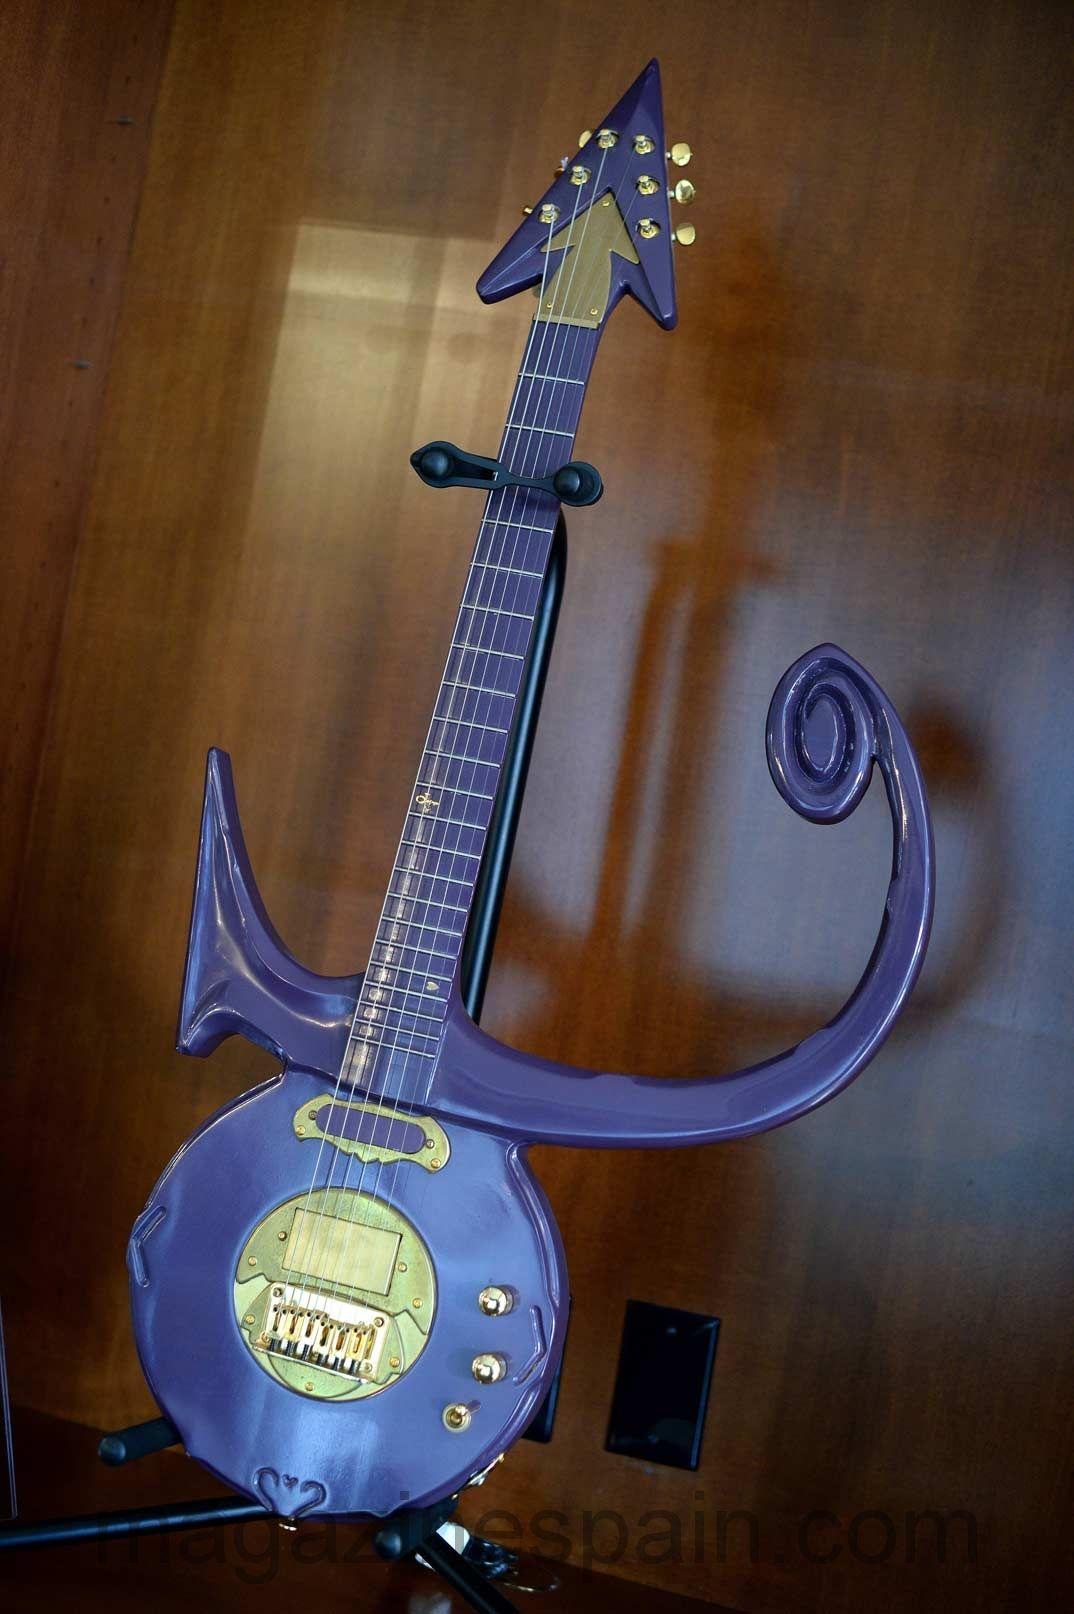 Prince love symbol guitar cultura y ocio pinterest symbols prince love symbol guitar buycottarizona